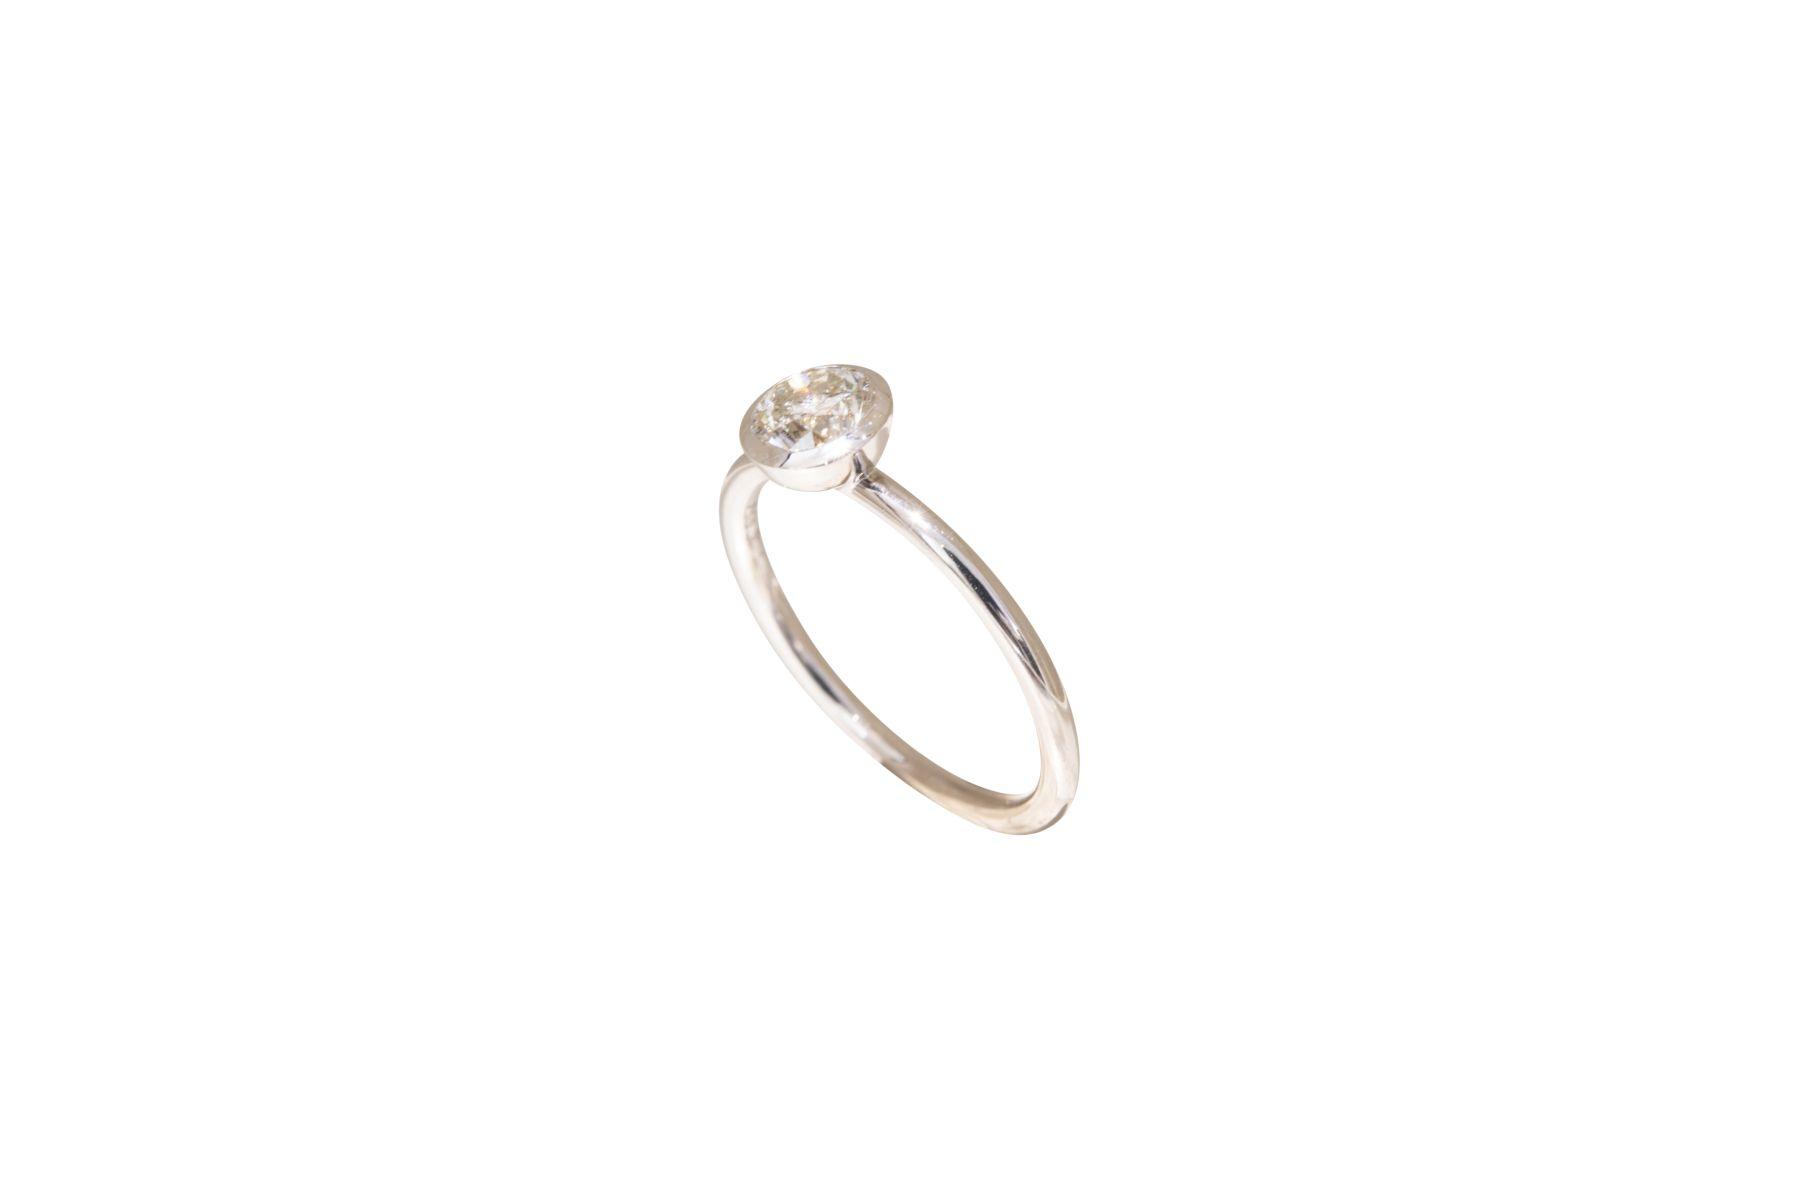 #205 Ring | Ring Image